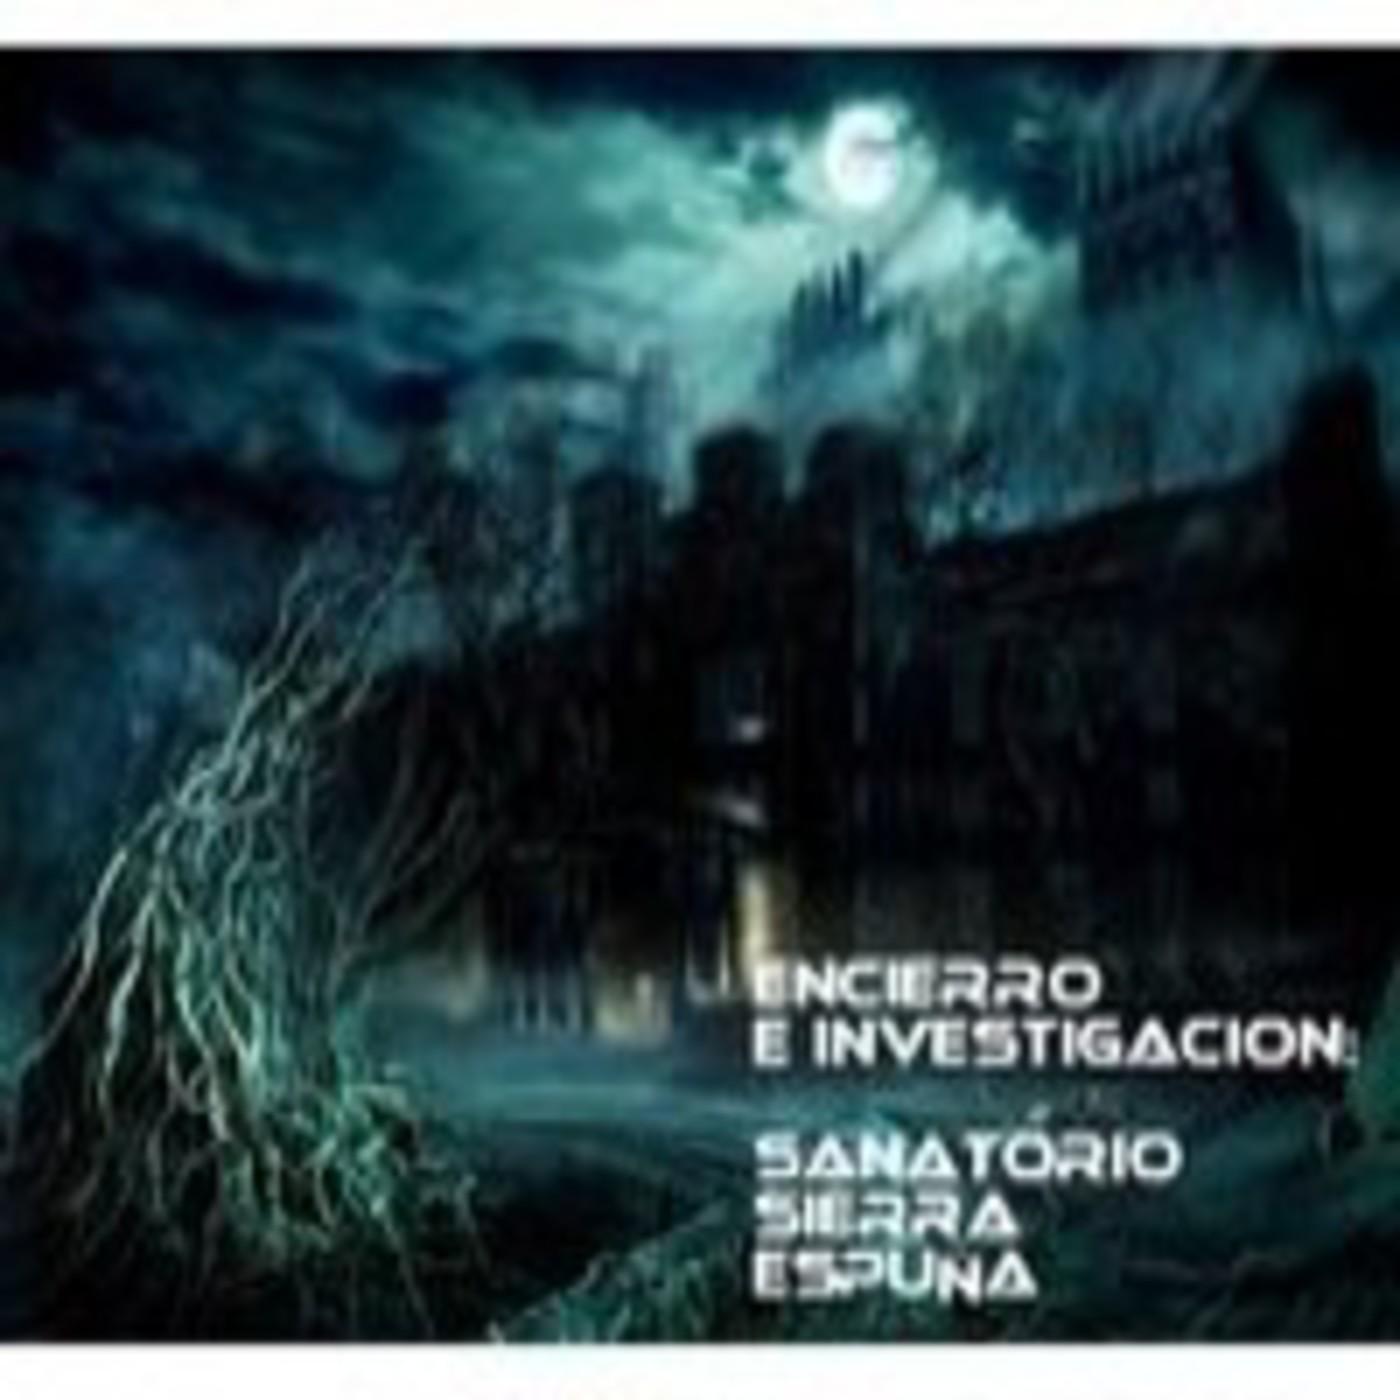 Encierro e Investigacion : El Sanatorio Sierra Espuña en ...